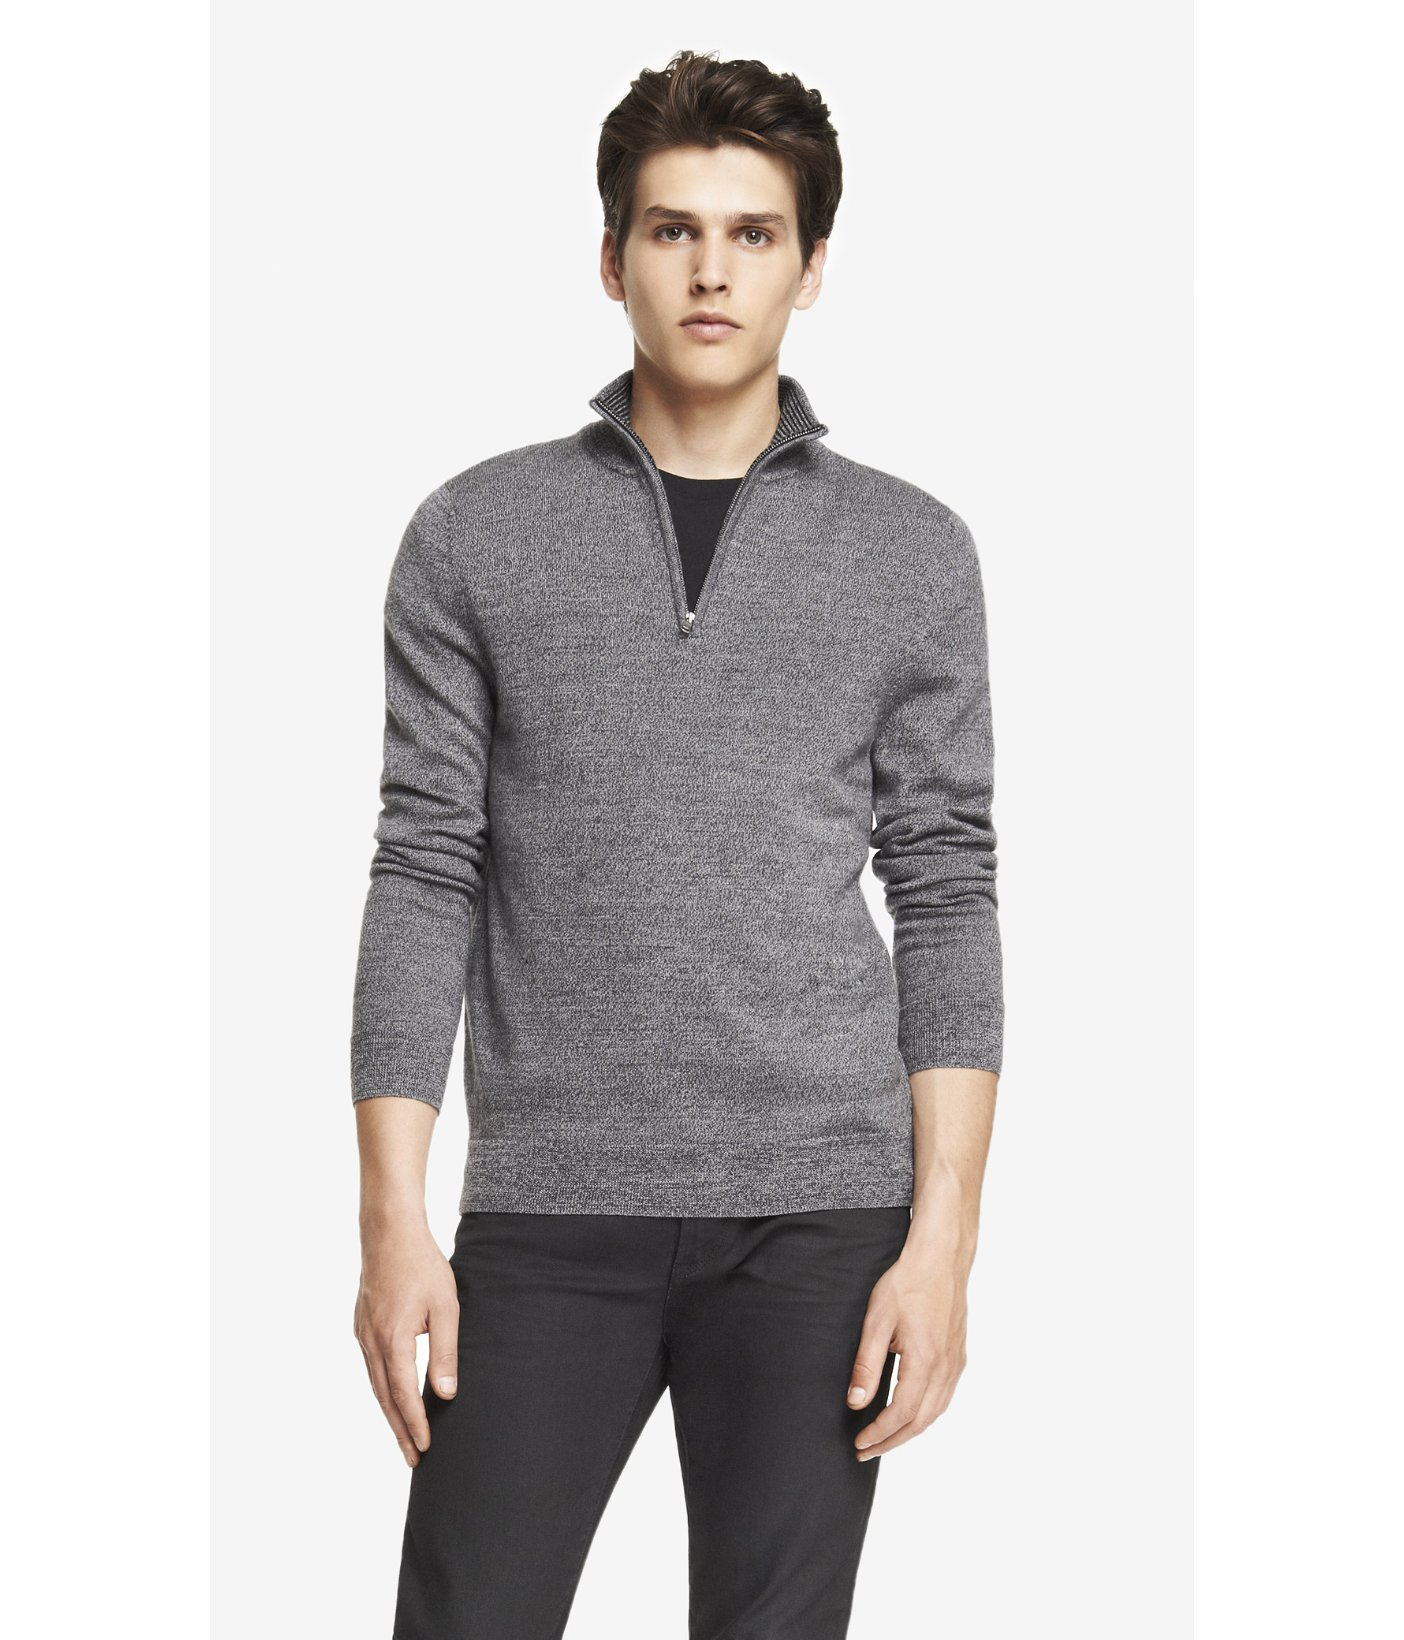 Merino Wool Zip Up Mock Neck Sweater 10